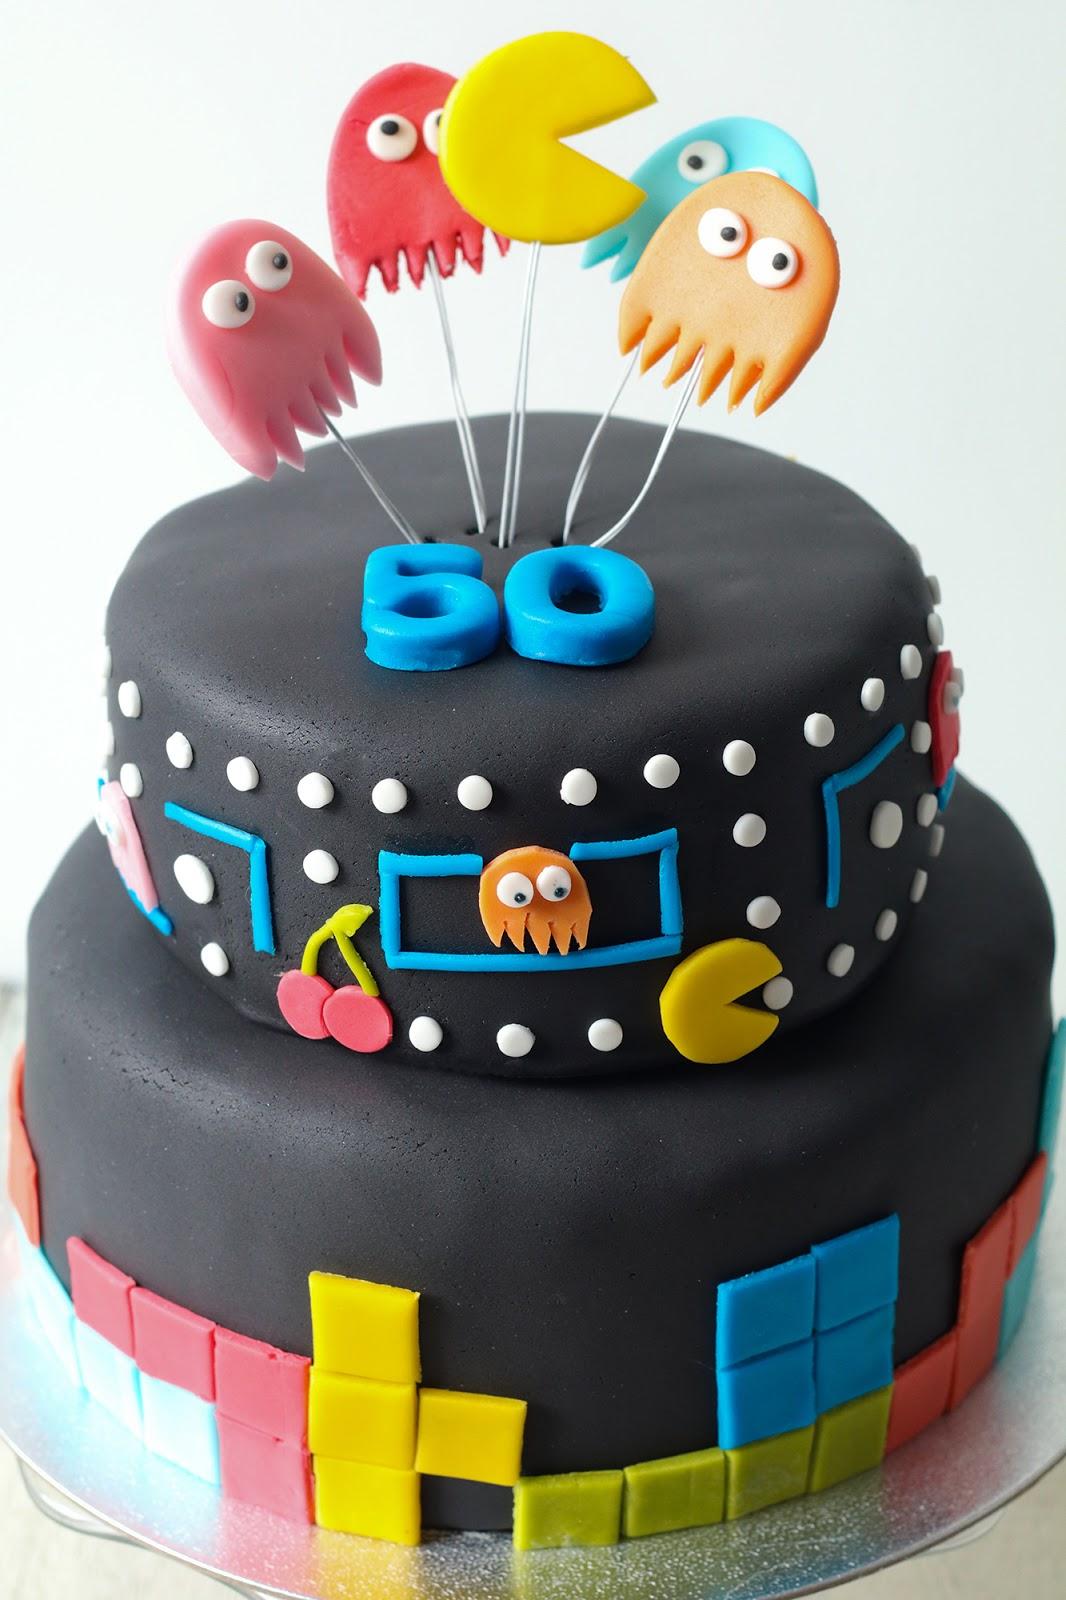 Recette d'un délicieux gâteau d'anniversaire au chocolat et à la cacahuète en pâte à sucre sur le thème de l'arcade